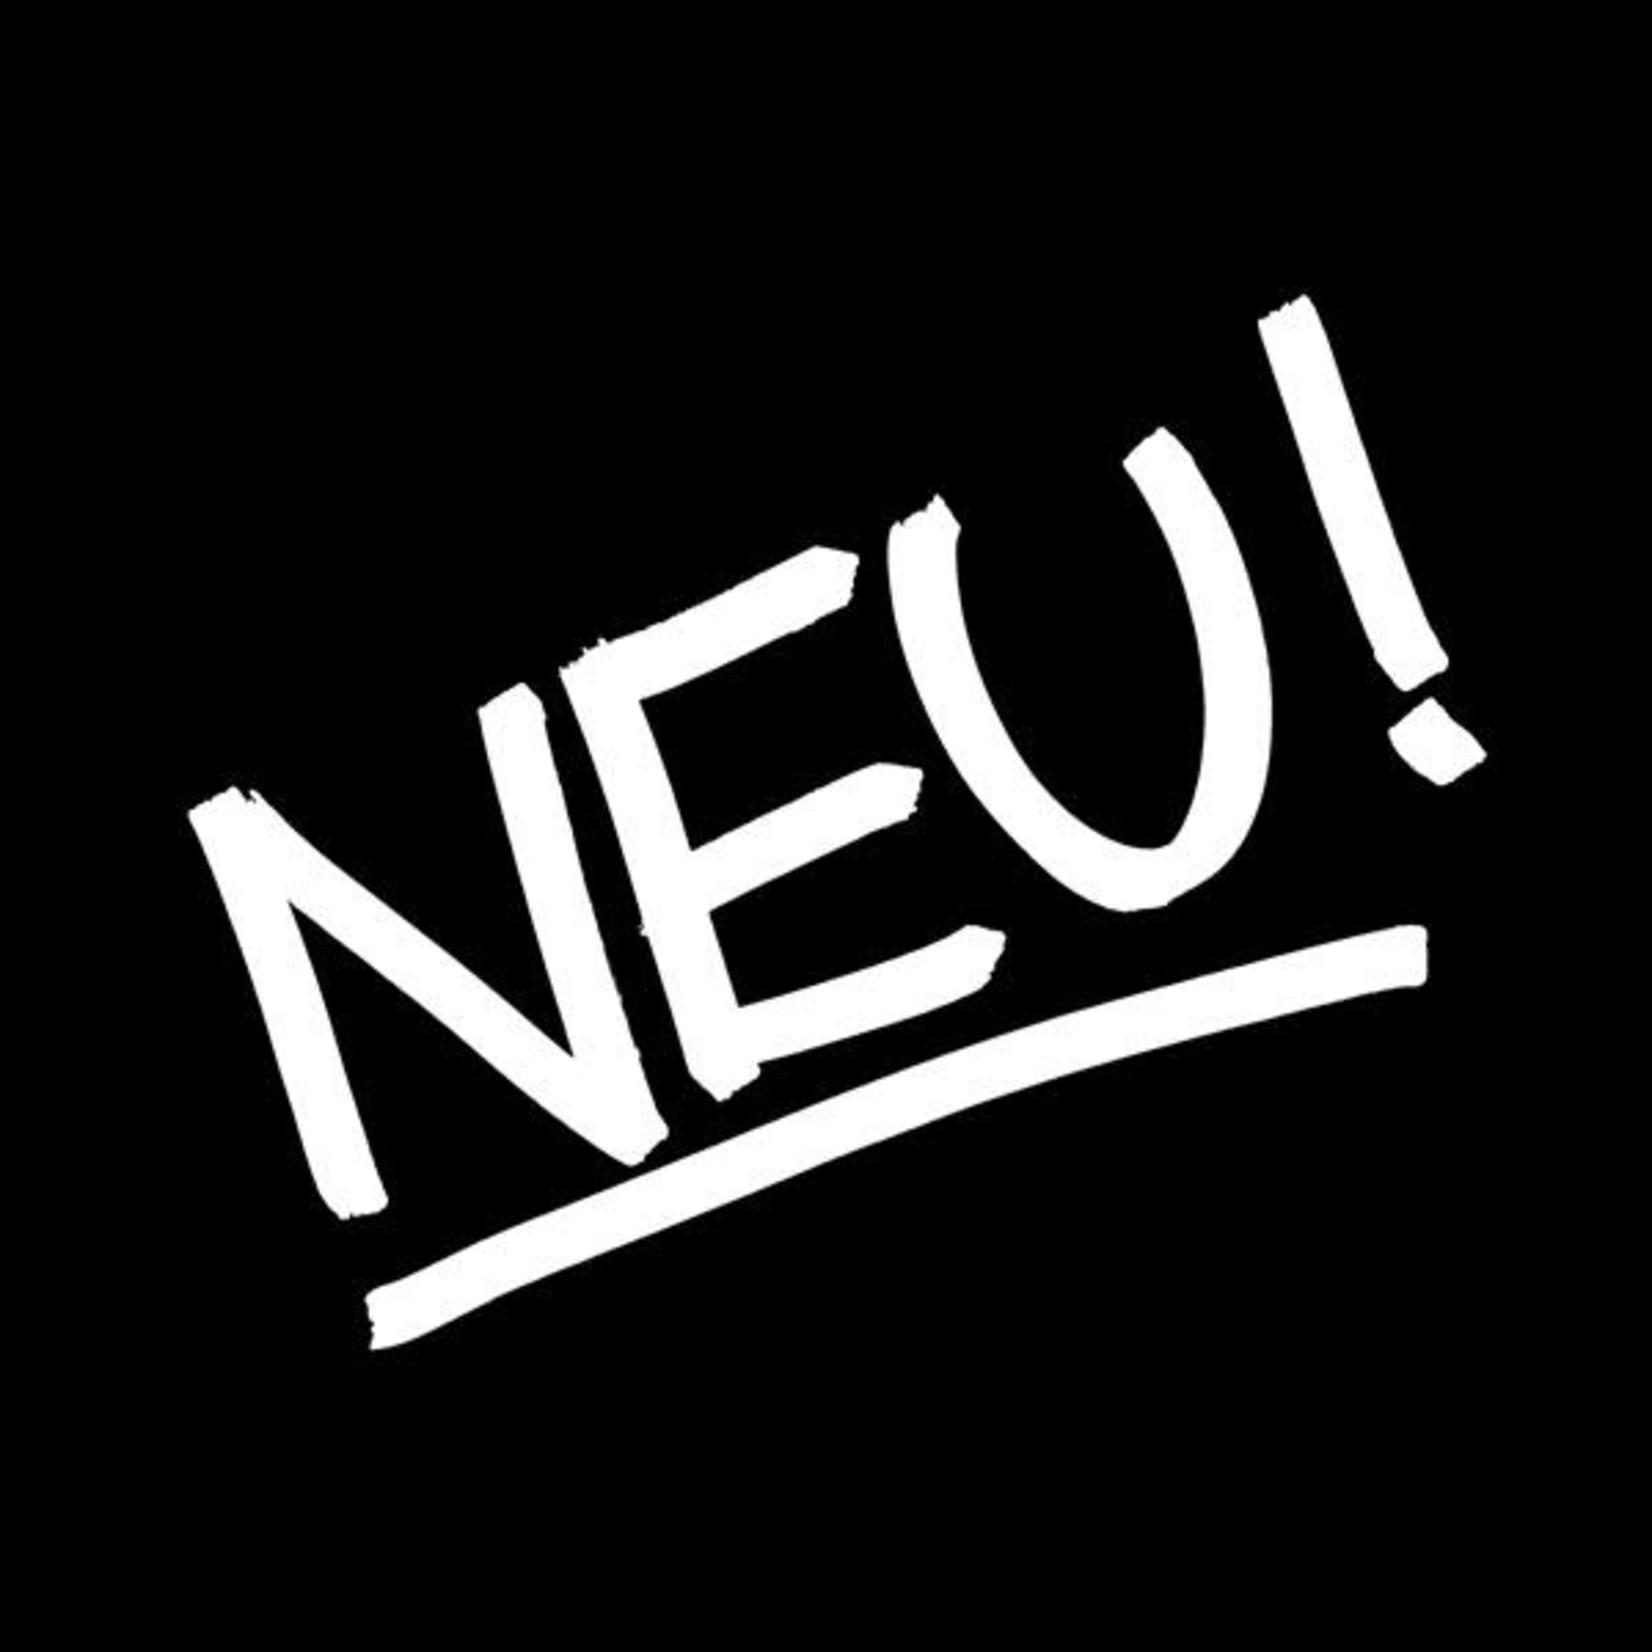 [New] Neu!: Neu! 75